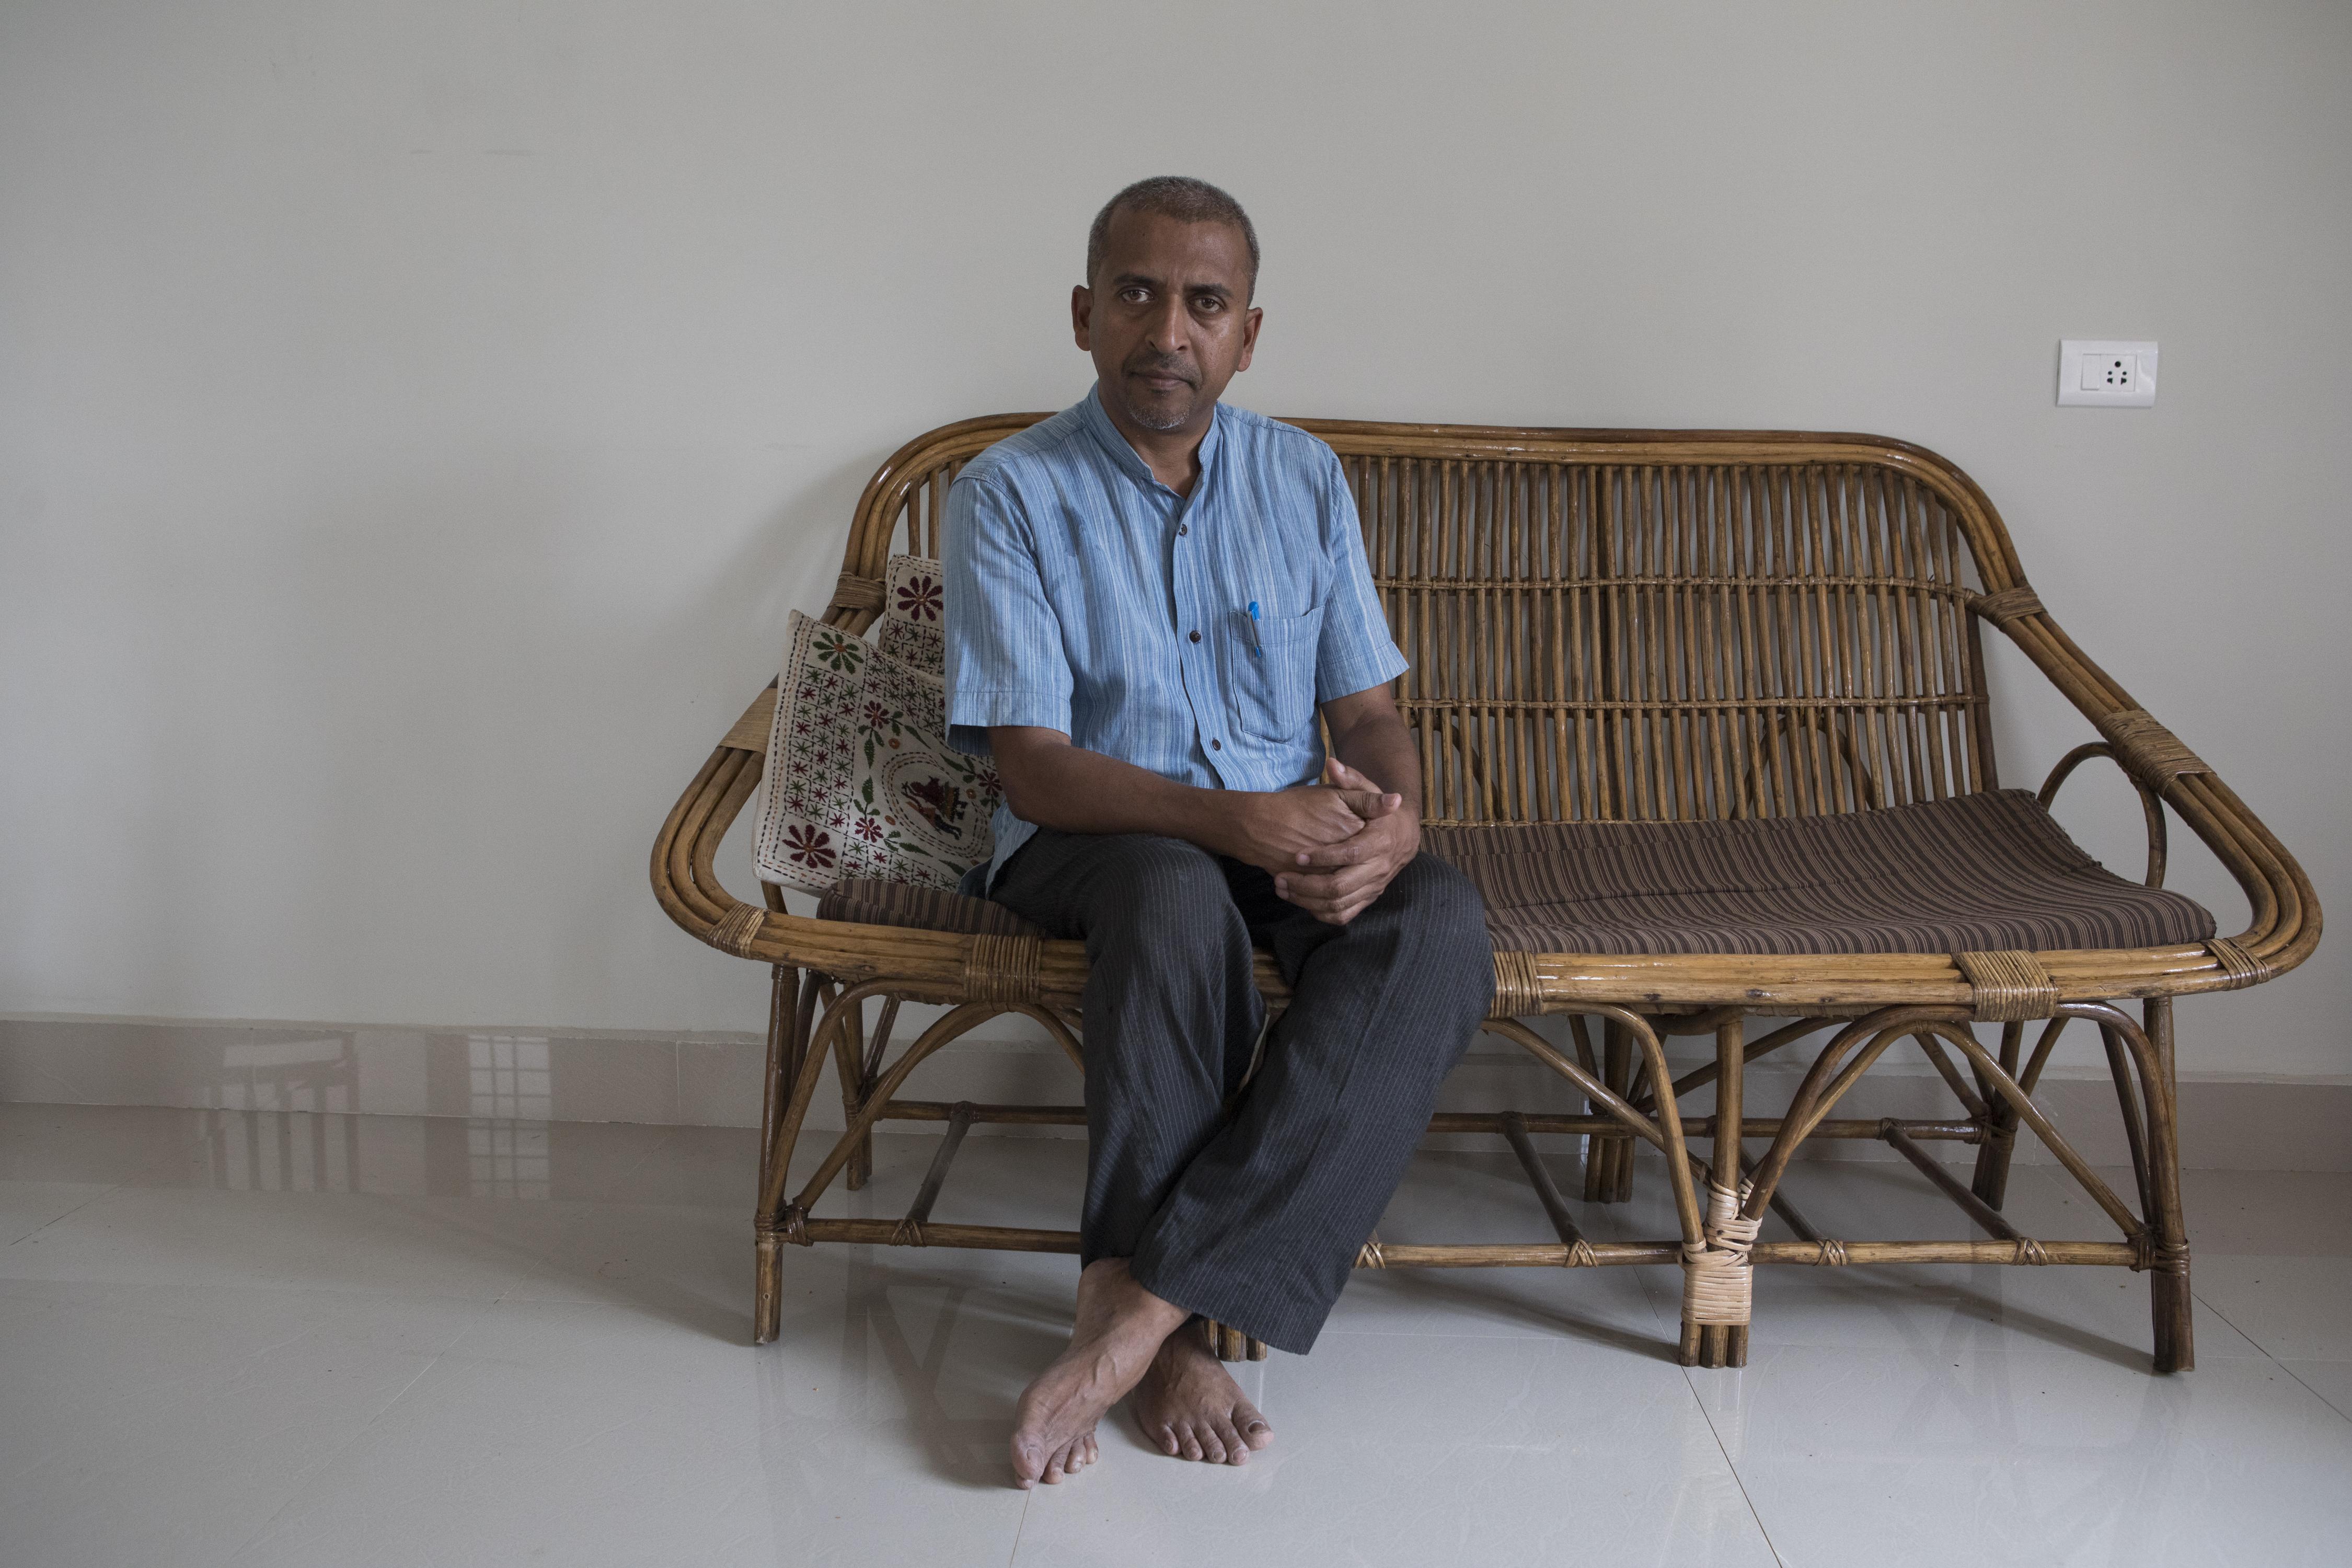 """""""La iglesia está perdiendo su autoridad moral"""", dijo el padre Augustine Vattoly, un sacerdote en Kerala. """"Estamos perdiendo la fe de las personas"""". Samyukta Lakshmi para The New York Times"""